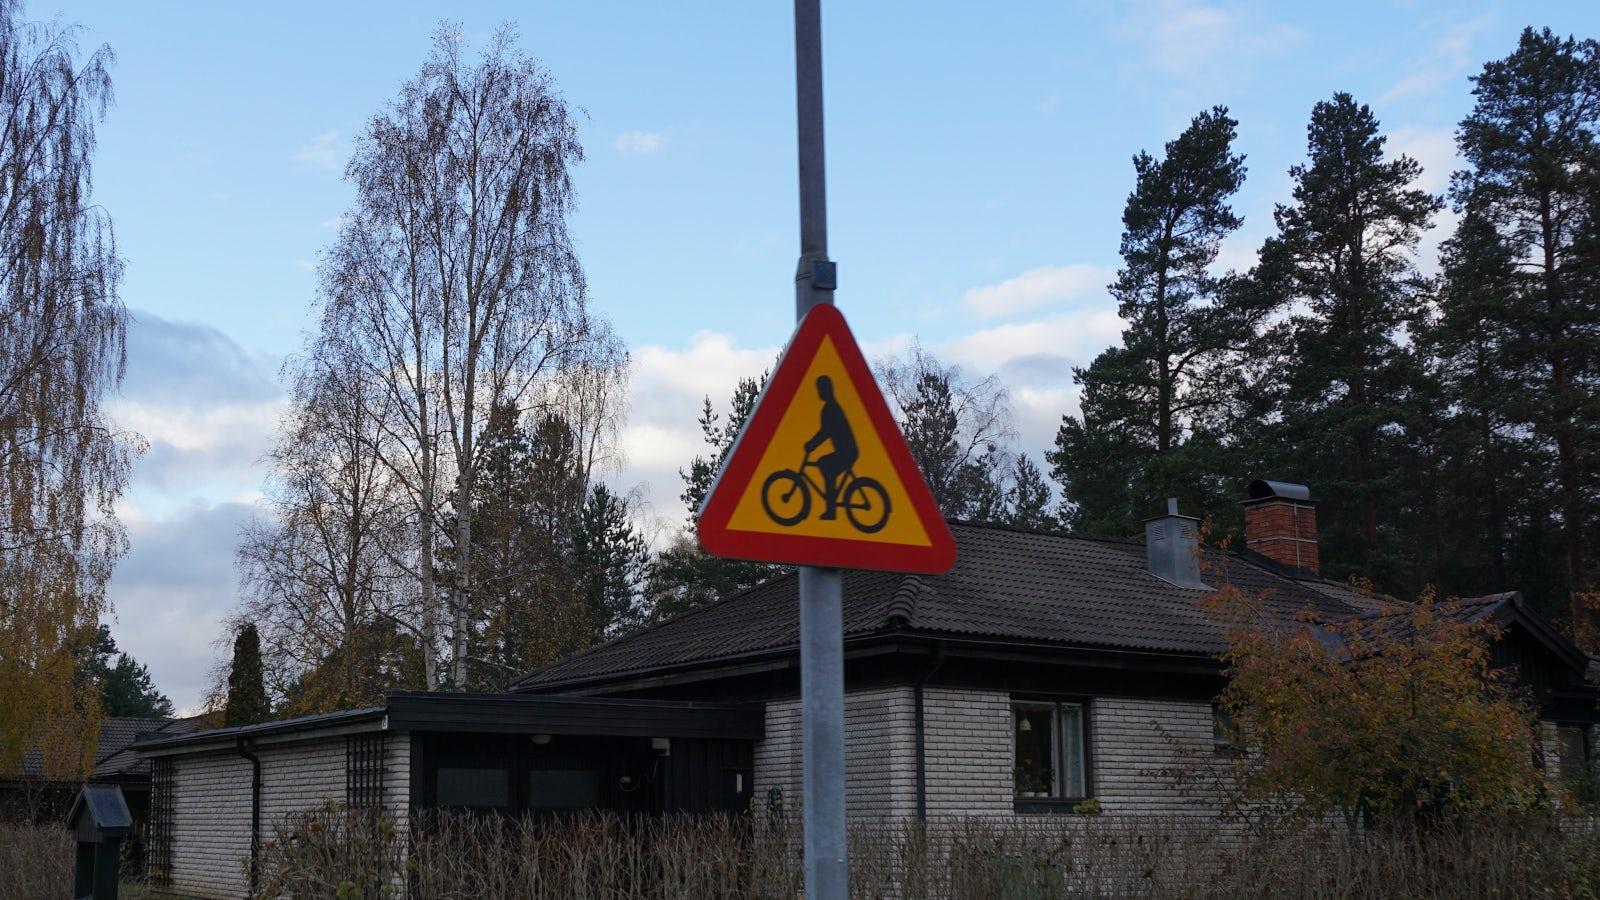 Bild på varningsskylt. Varning för cyklande och mopedförare